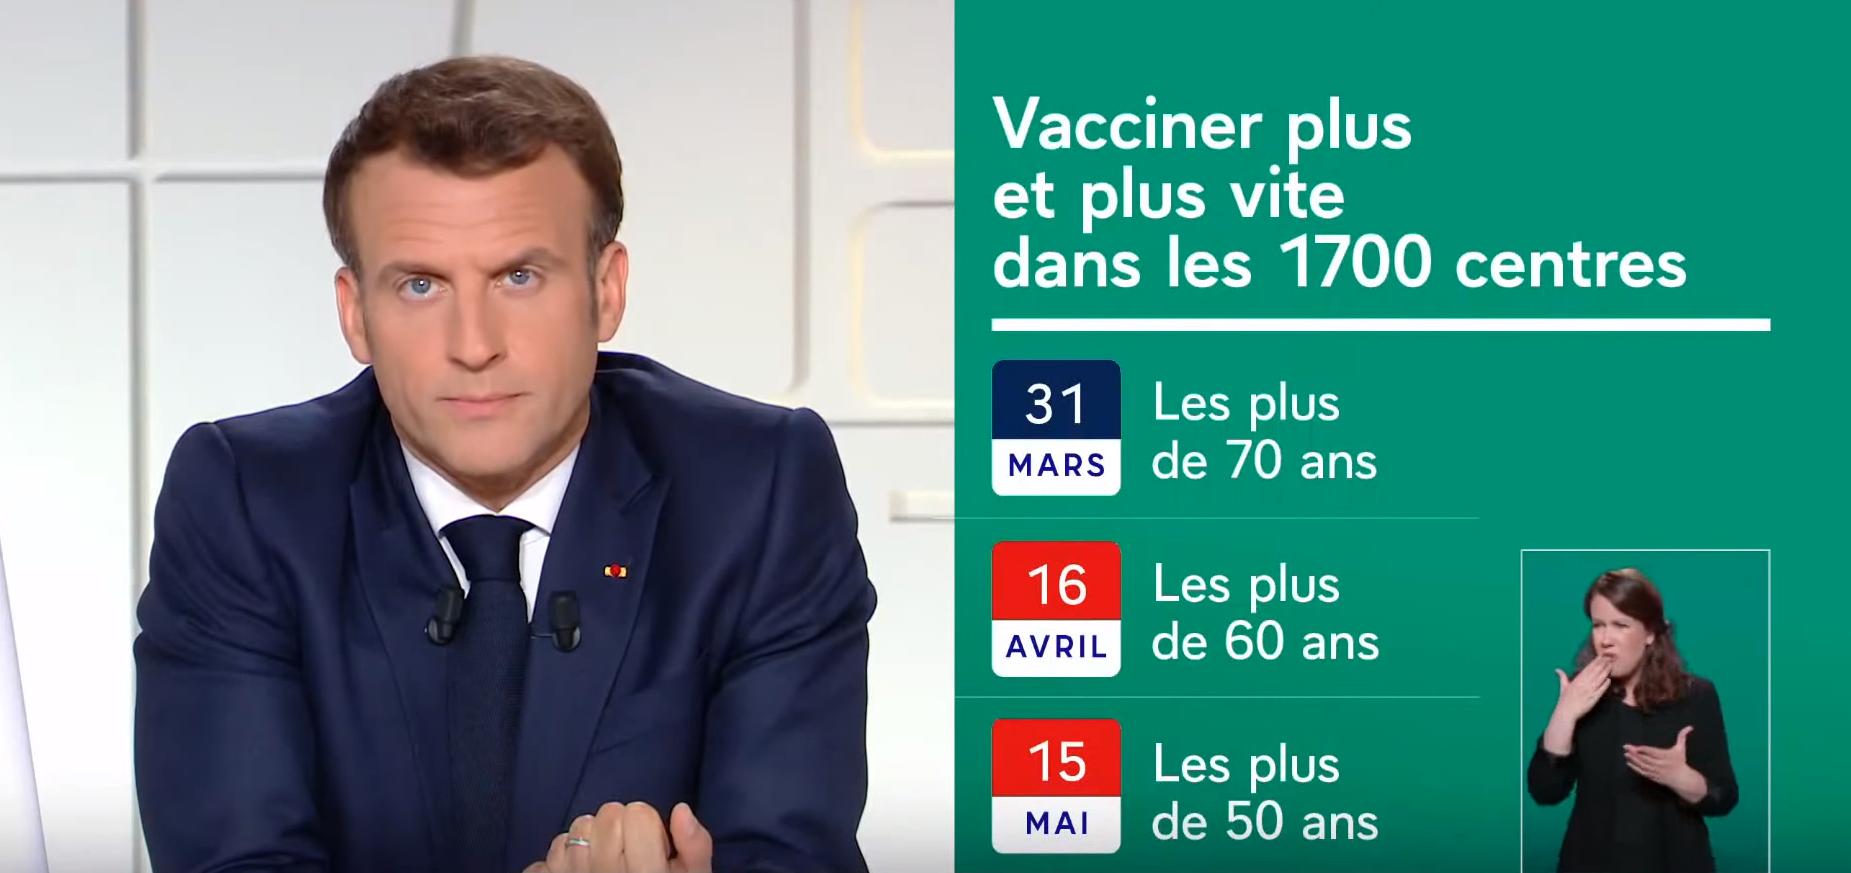 Lors de son allocution télévisée du 31 mars, Emmanuel Macron a redéfini le calendrier vaccinal. Pour la population générale, la vaccination contre la Covid-19 sera élargie à toutes les personnes âgées de plus de 60 ans à compter du 16 avril, puis à toutes celles de plus de 50 ans dés le 15 mai. Une accélération qui ne prend toujours pas en compte les personnes en obésité âgées de moins de 50 ans.